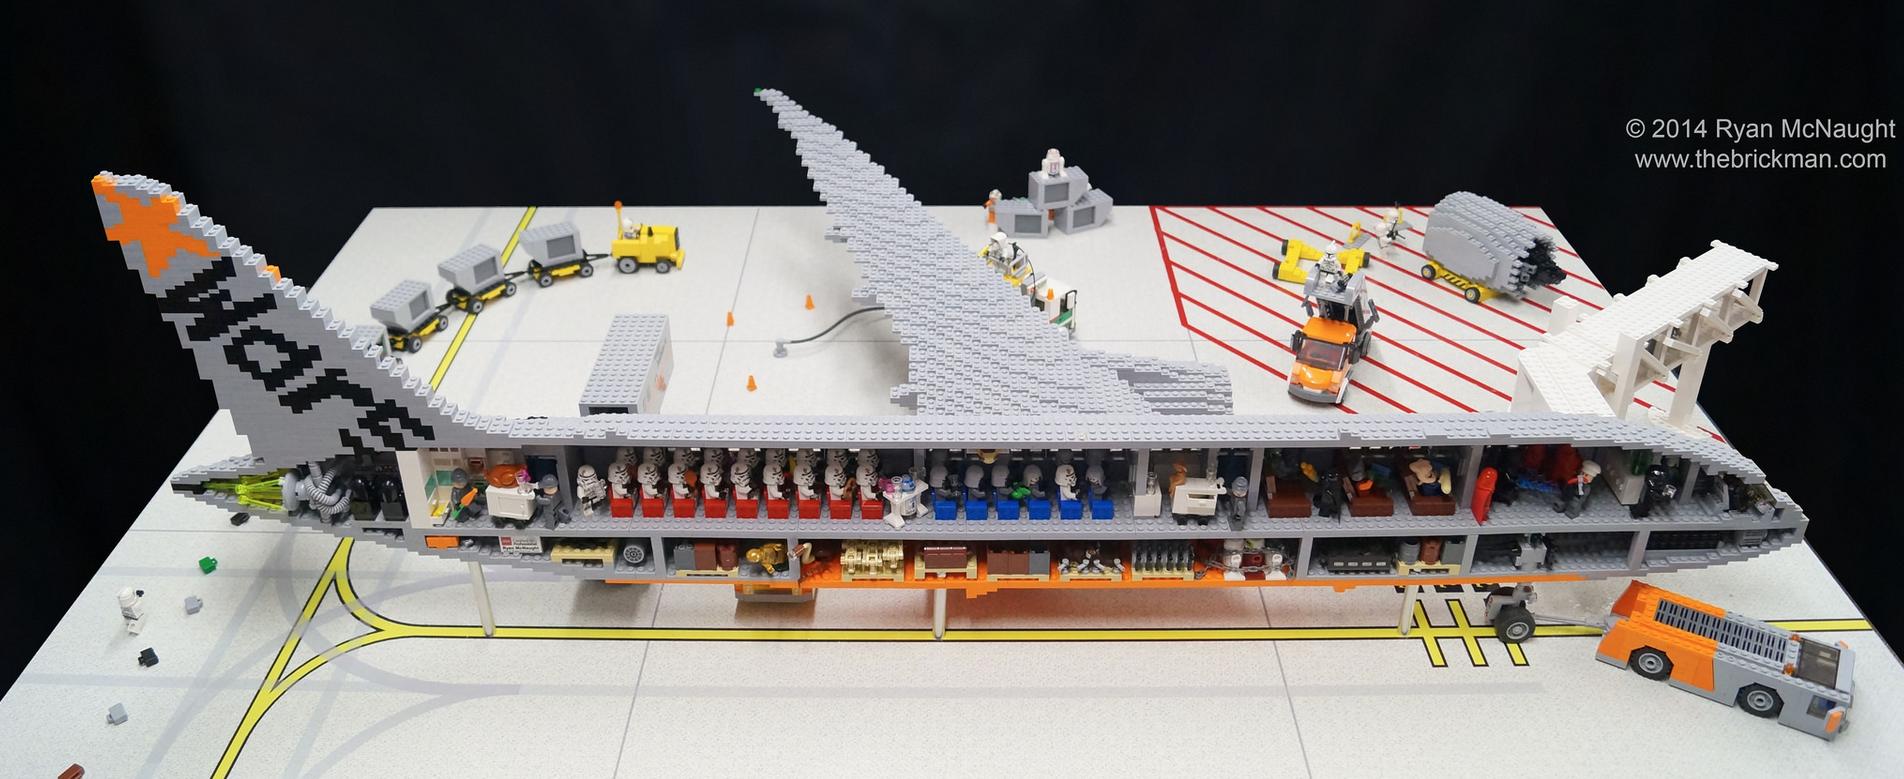 Brickman Experience Death Star Australian Homes Aussie Design